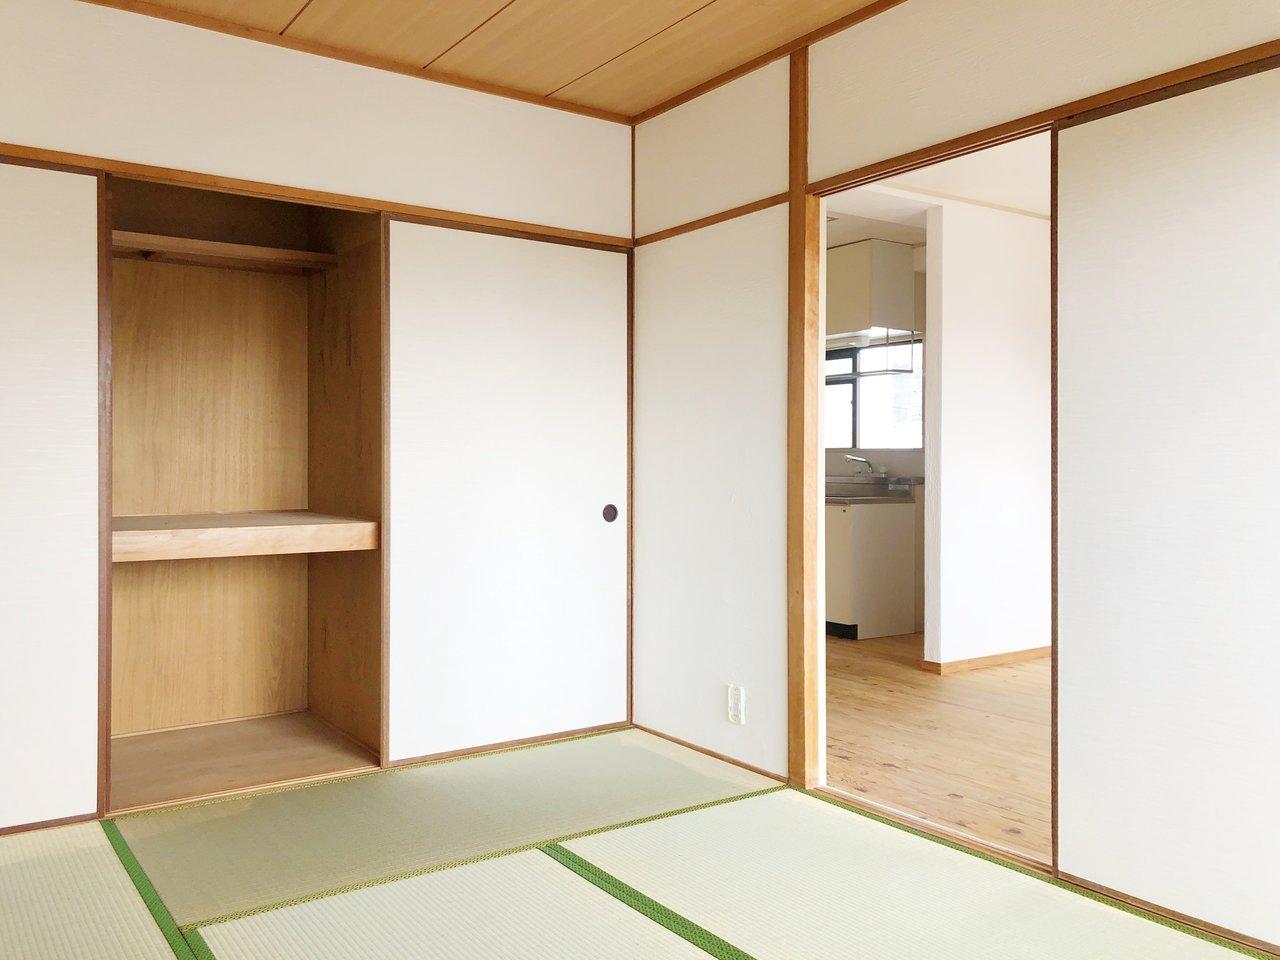 2つあるお部屋はどちらも和室です。その分、お家賃リーズナブル!